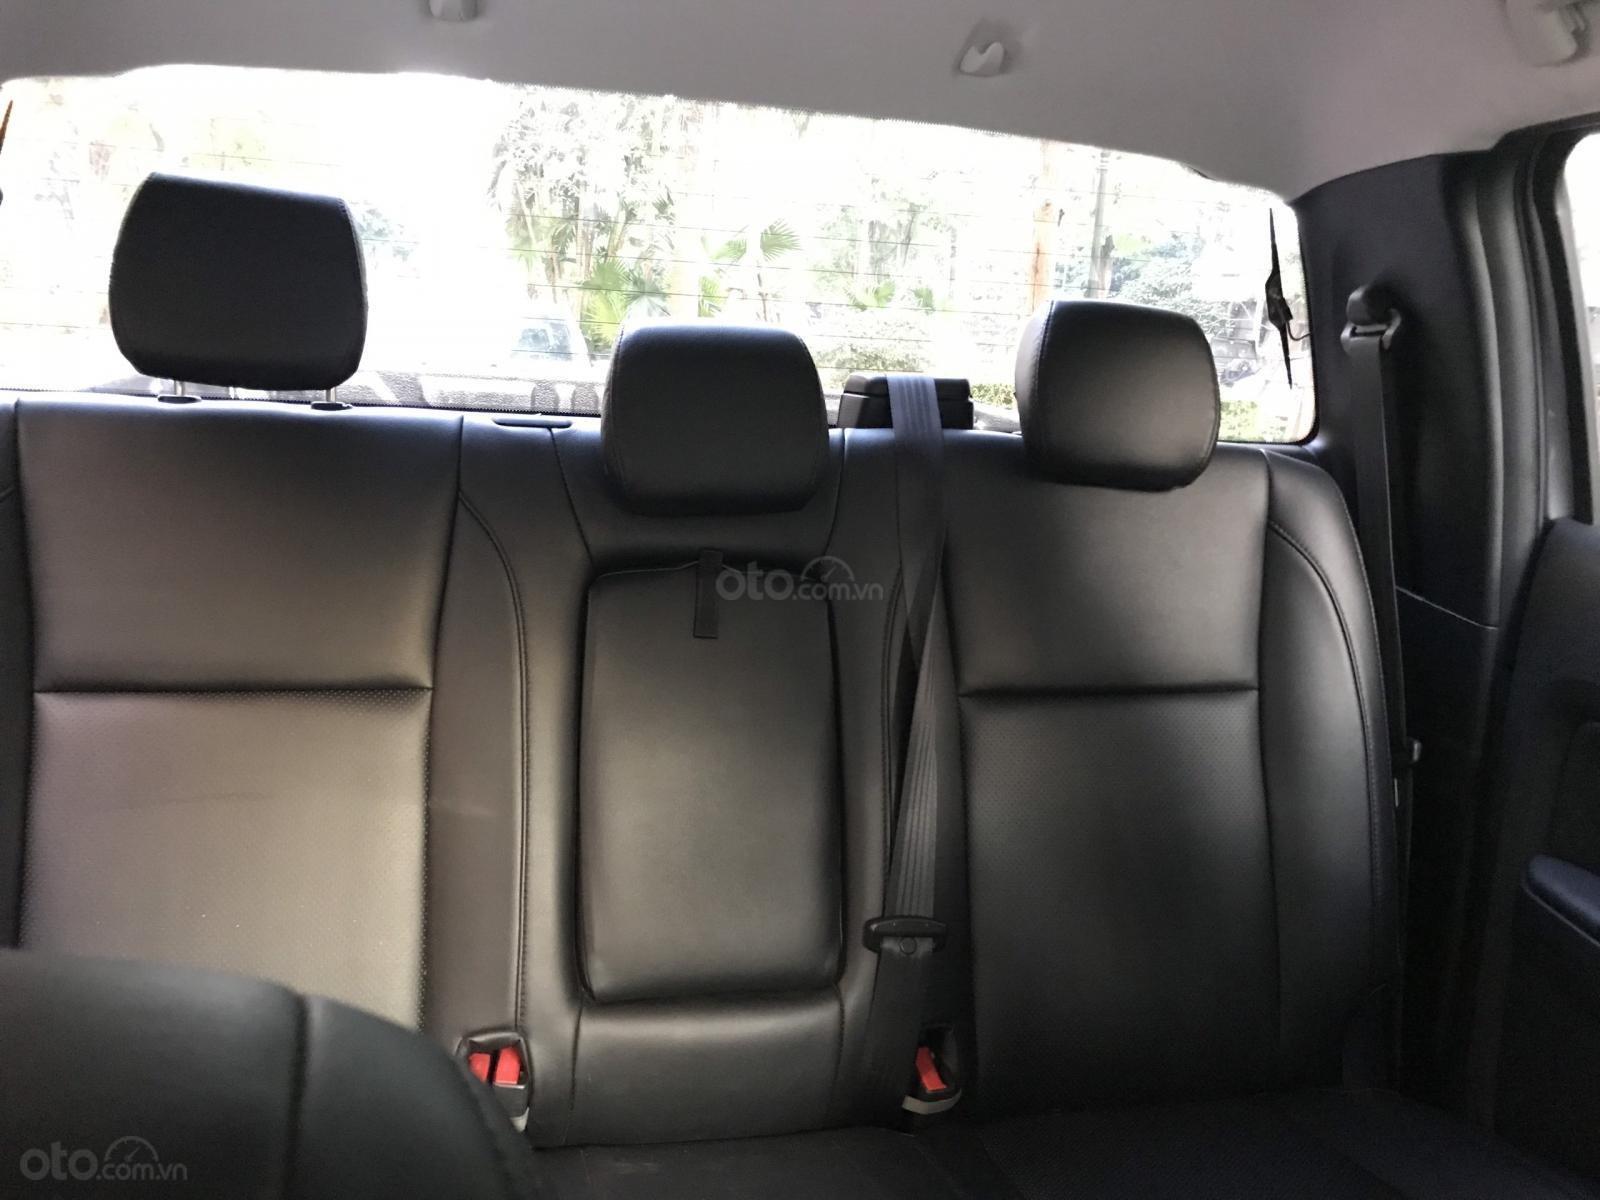 Ford Ranger XLS 2.2L 4x2 MT 2020 - cũ như mới (9)